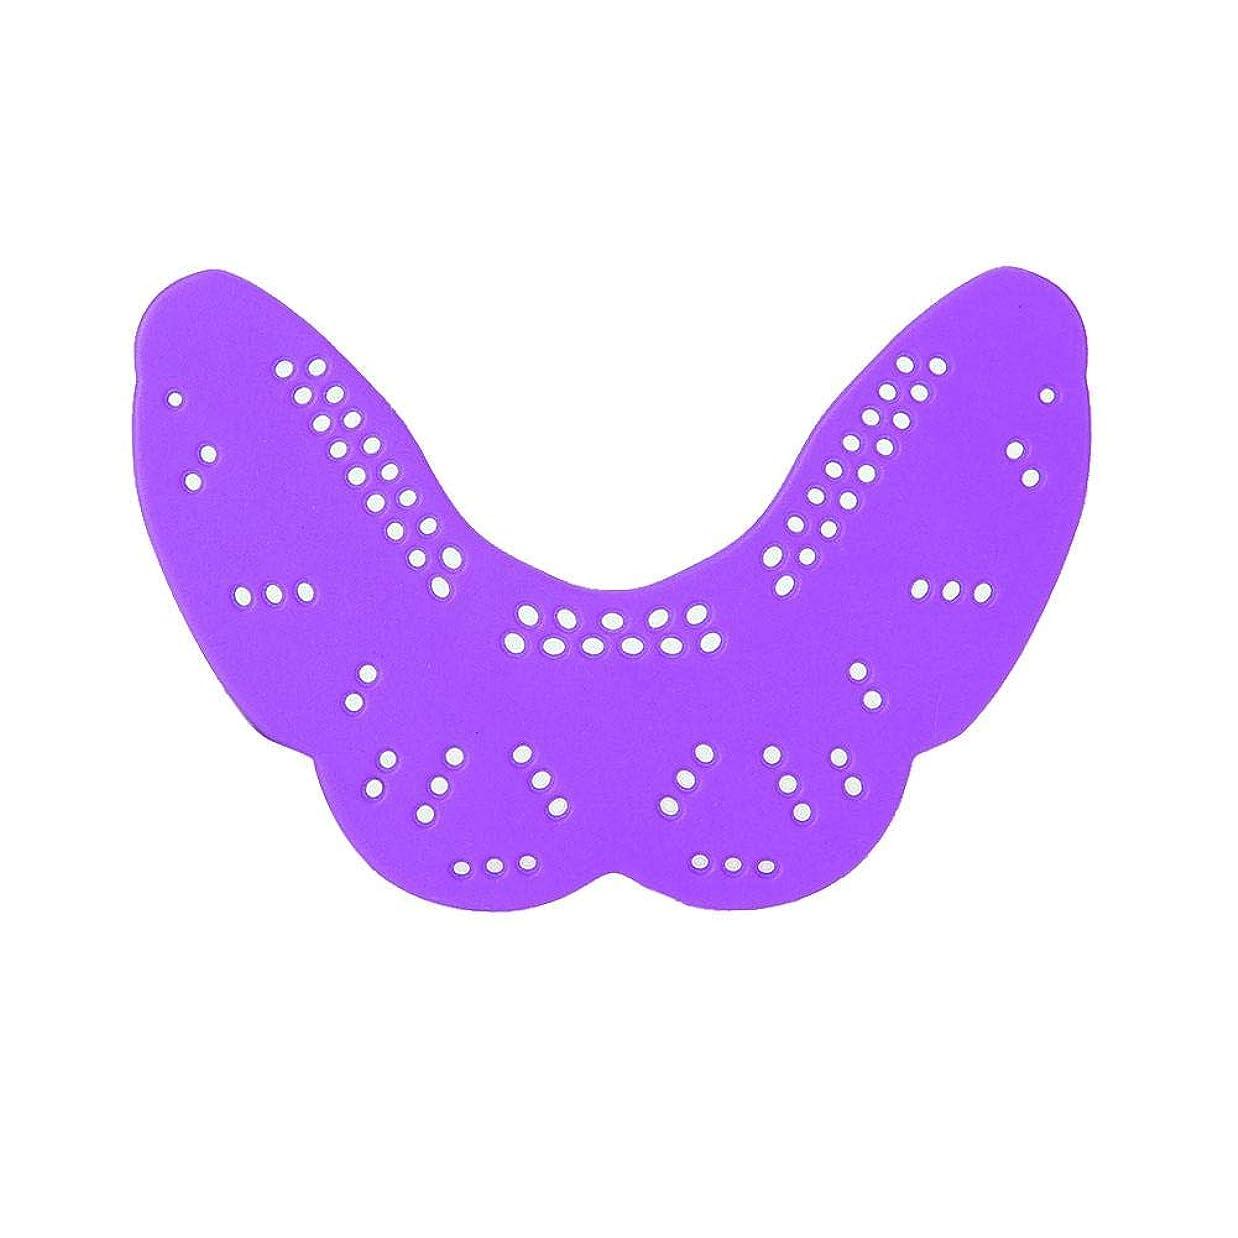 前兆人道的パパマウスガード、歯のプロテクターボクシング保護ツールあなたの歯の形状に最適フットボールバスケットボールラクロスホッケーボクシング柔術(紫の)